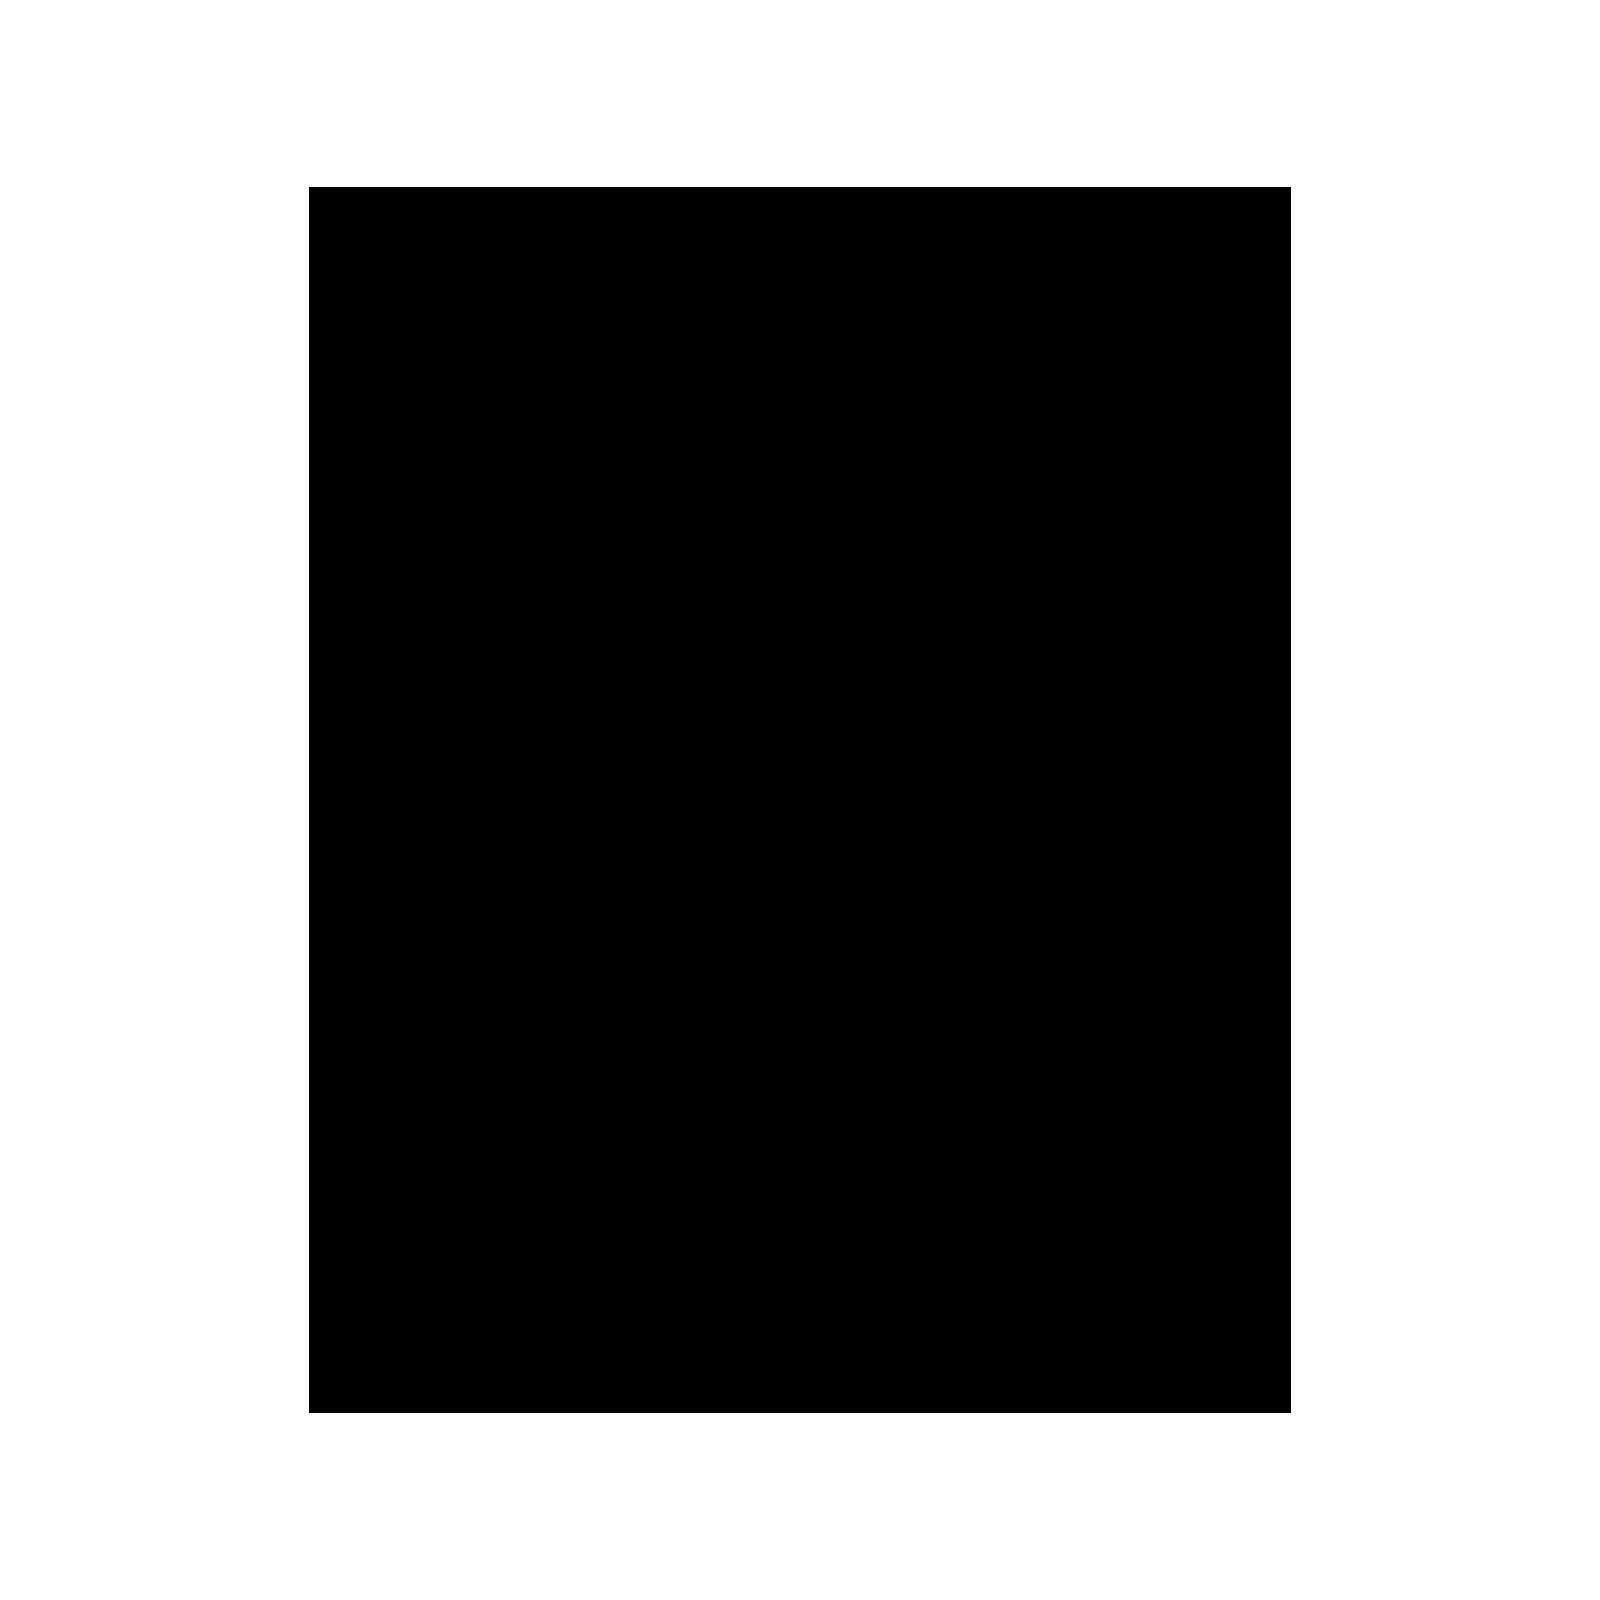 Küchenmischer mit abnehmbaren Dusche zwei-Jets